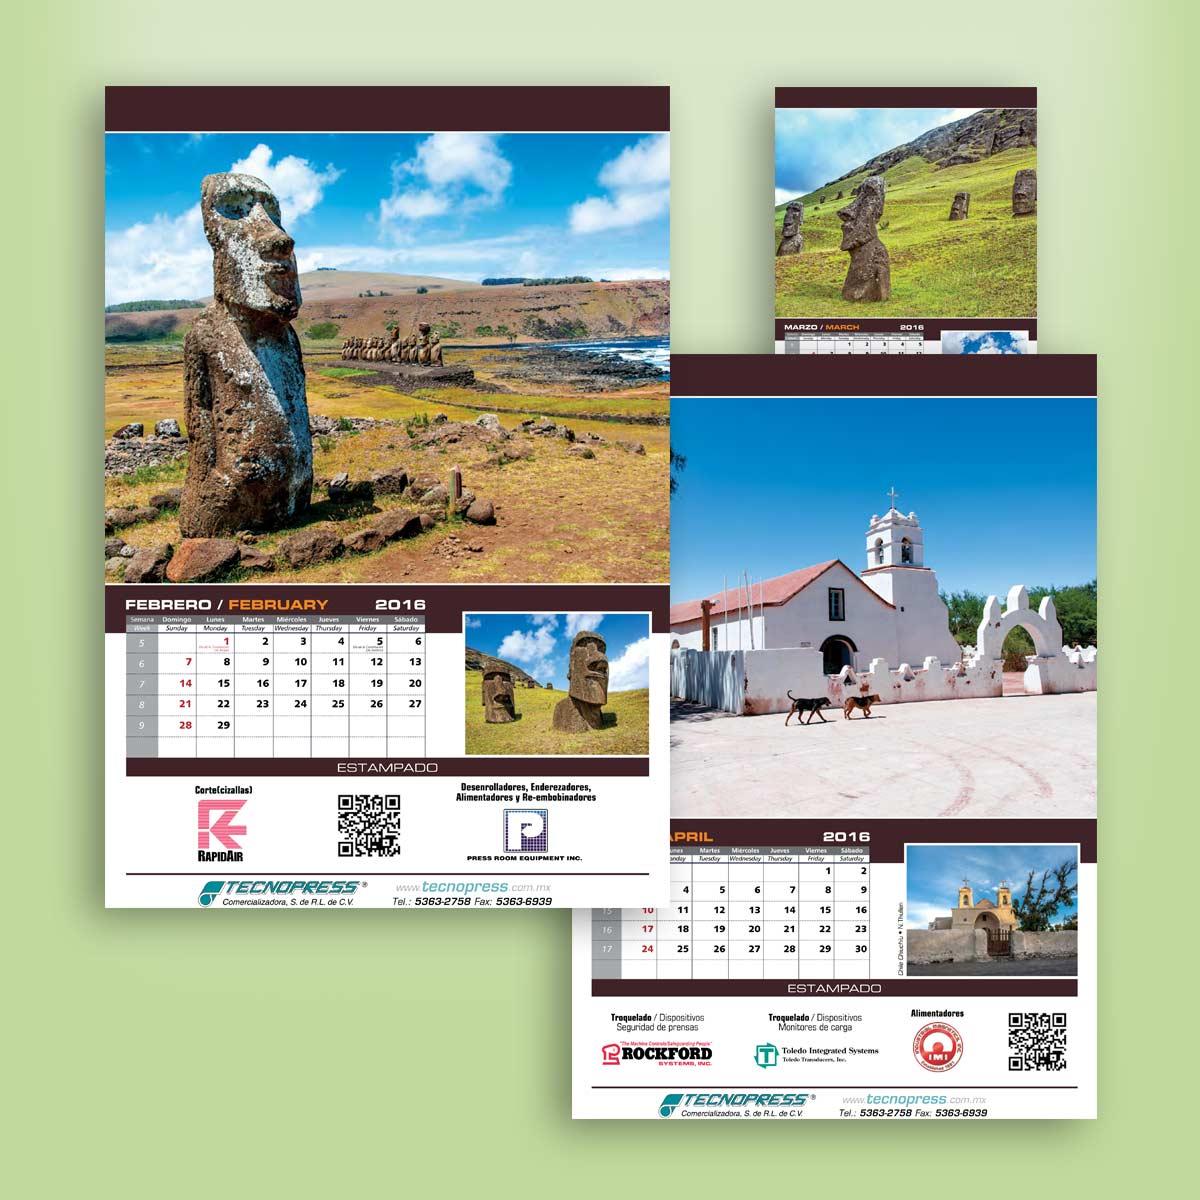 diseño de calendarios Tencnopress